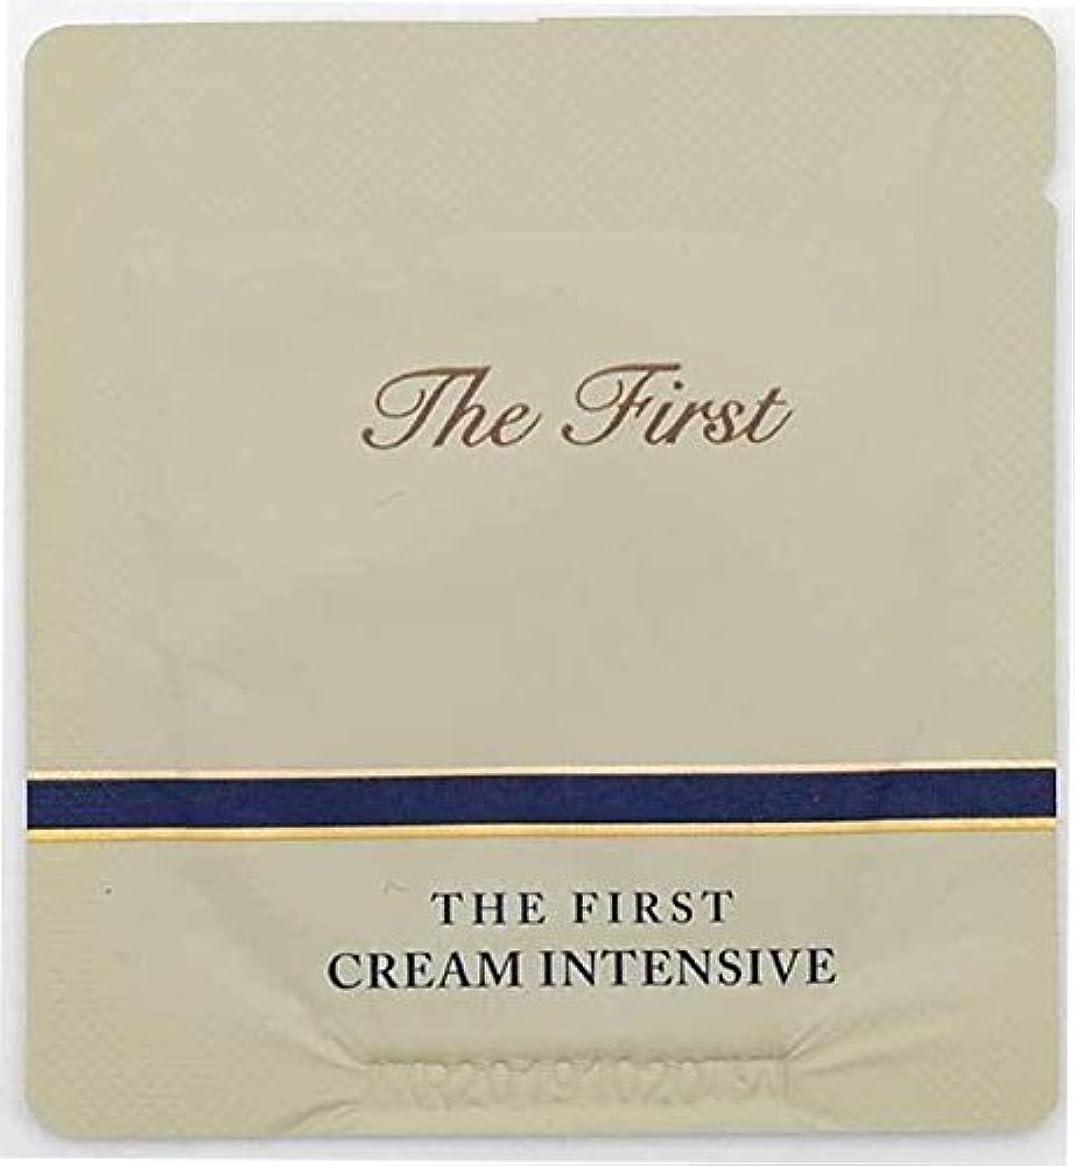 大気はさみ位置する[サンプル] OHUI The First Cream intensive 1ml × 30ea/オフィ ザ ファースト クリーム インテンシブ 1ml × 30個